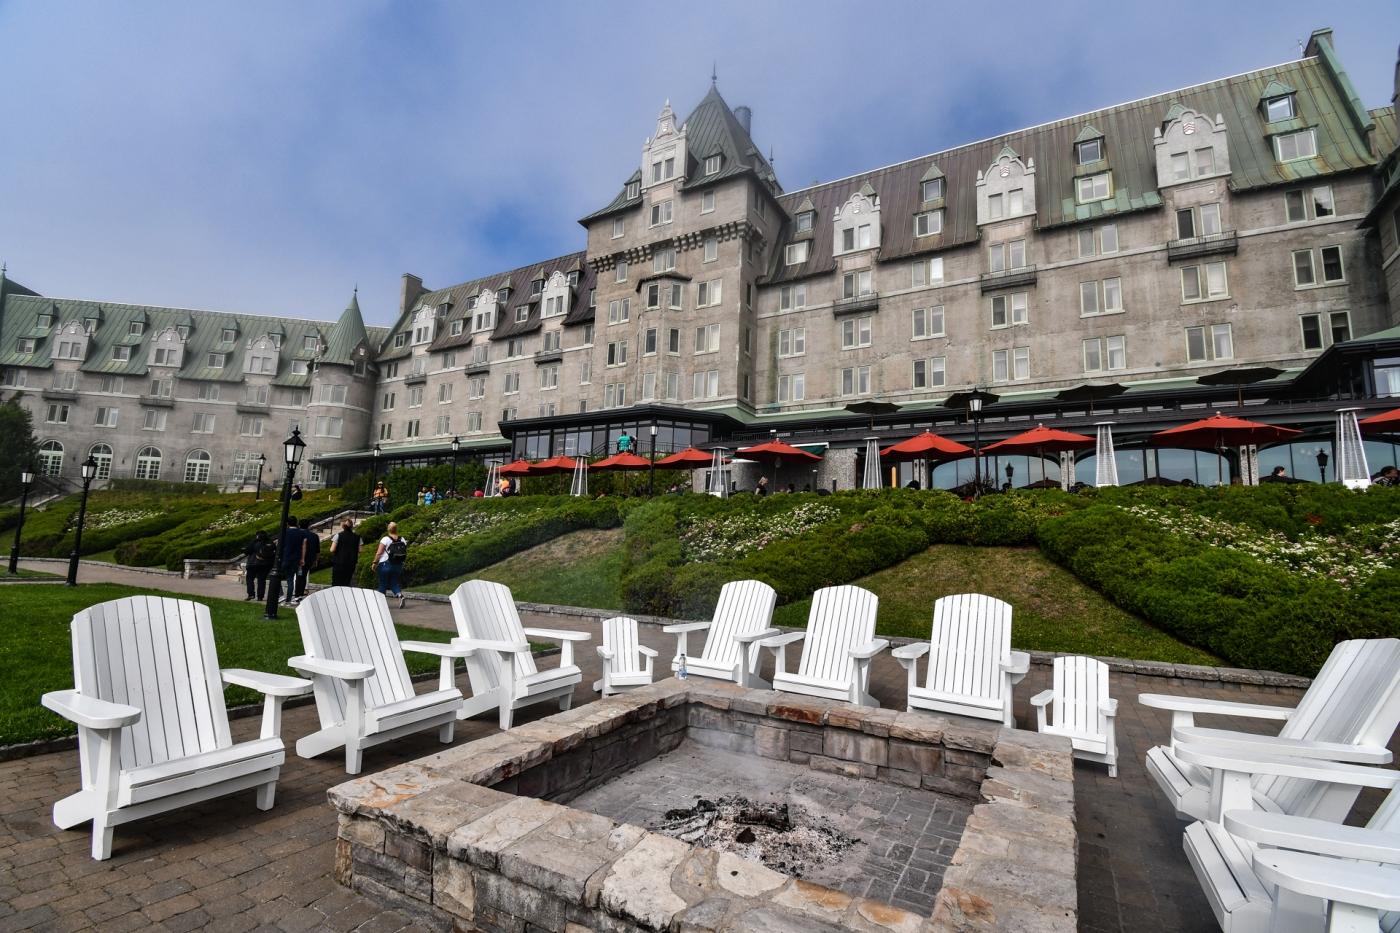 Hotel Le Manoir Richelieu, La Malbaie, Charlevoix, Quebec, Canadá.